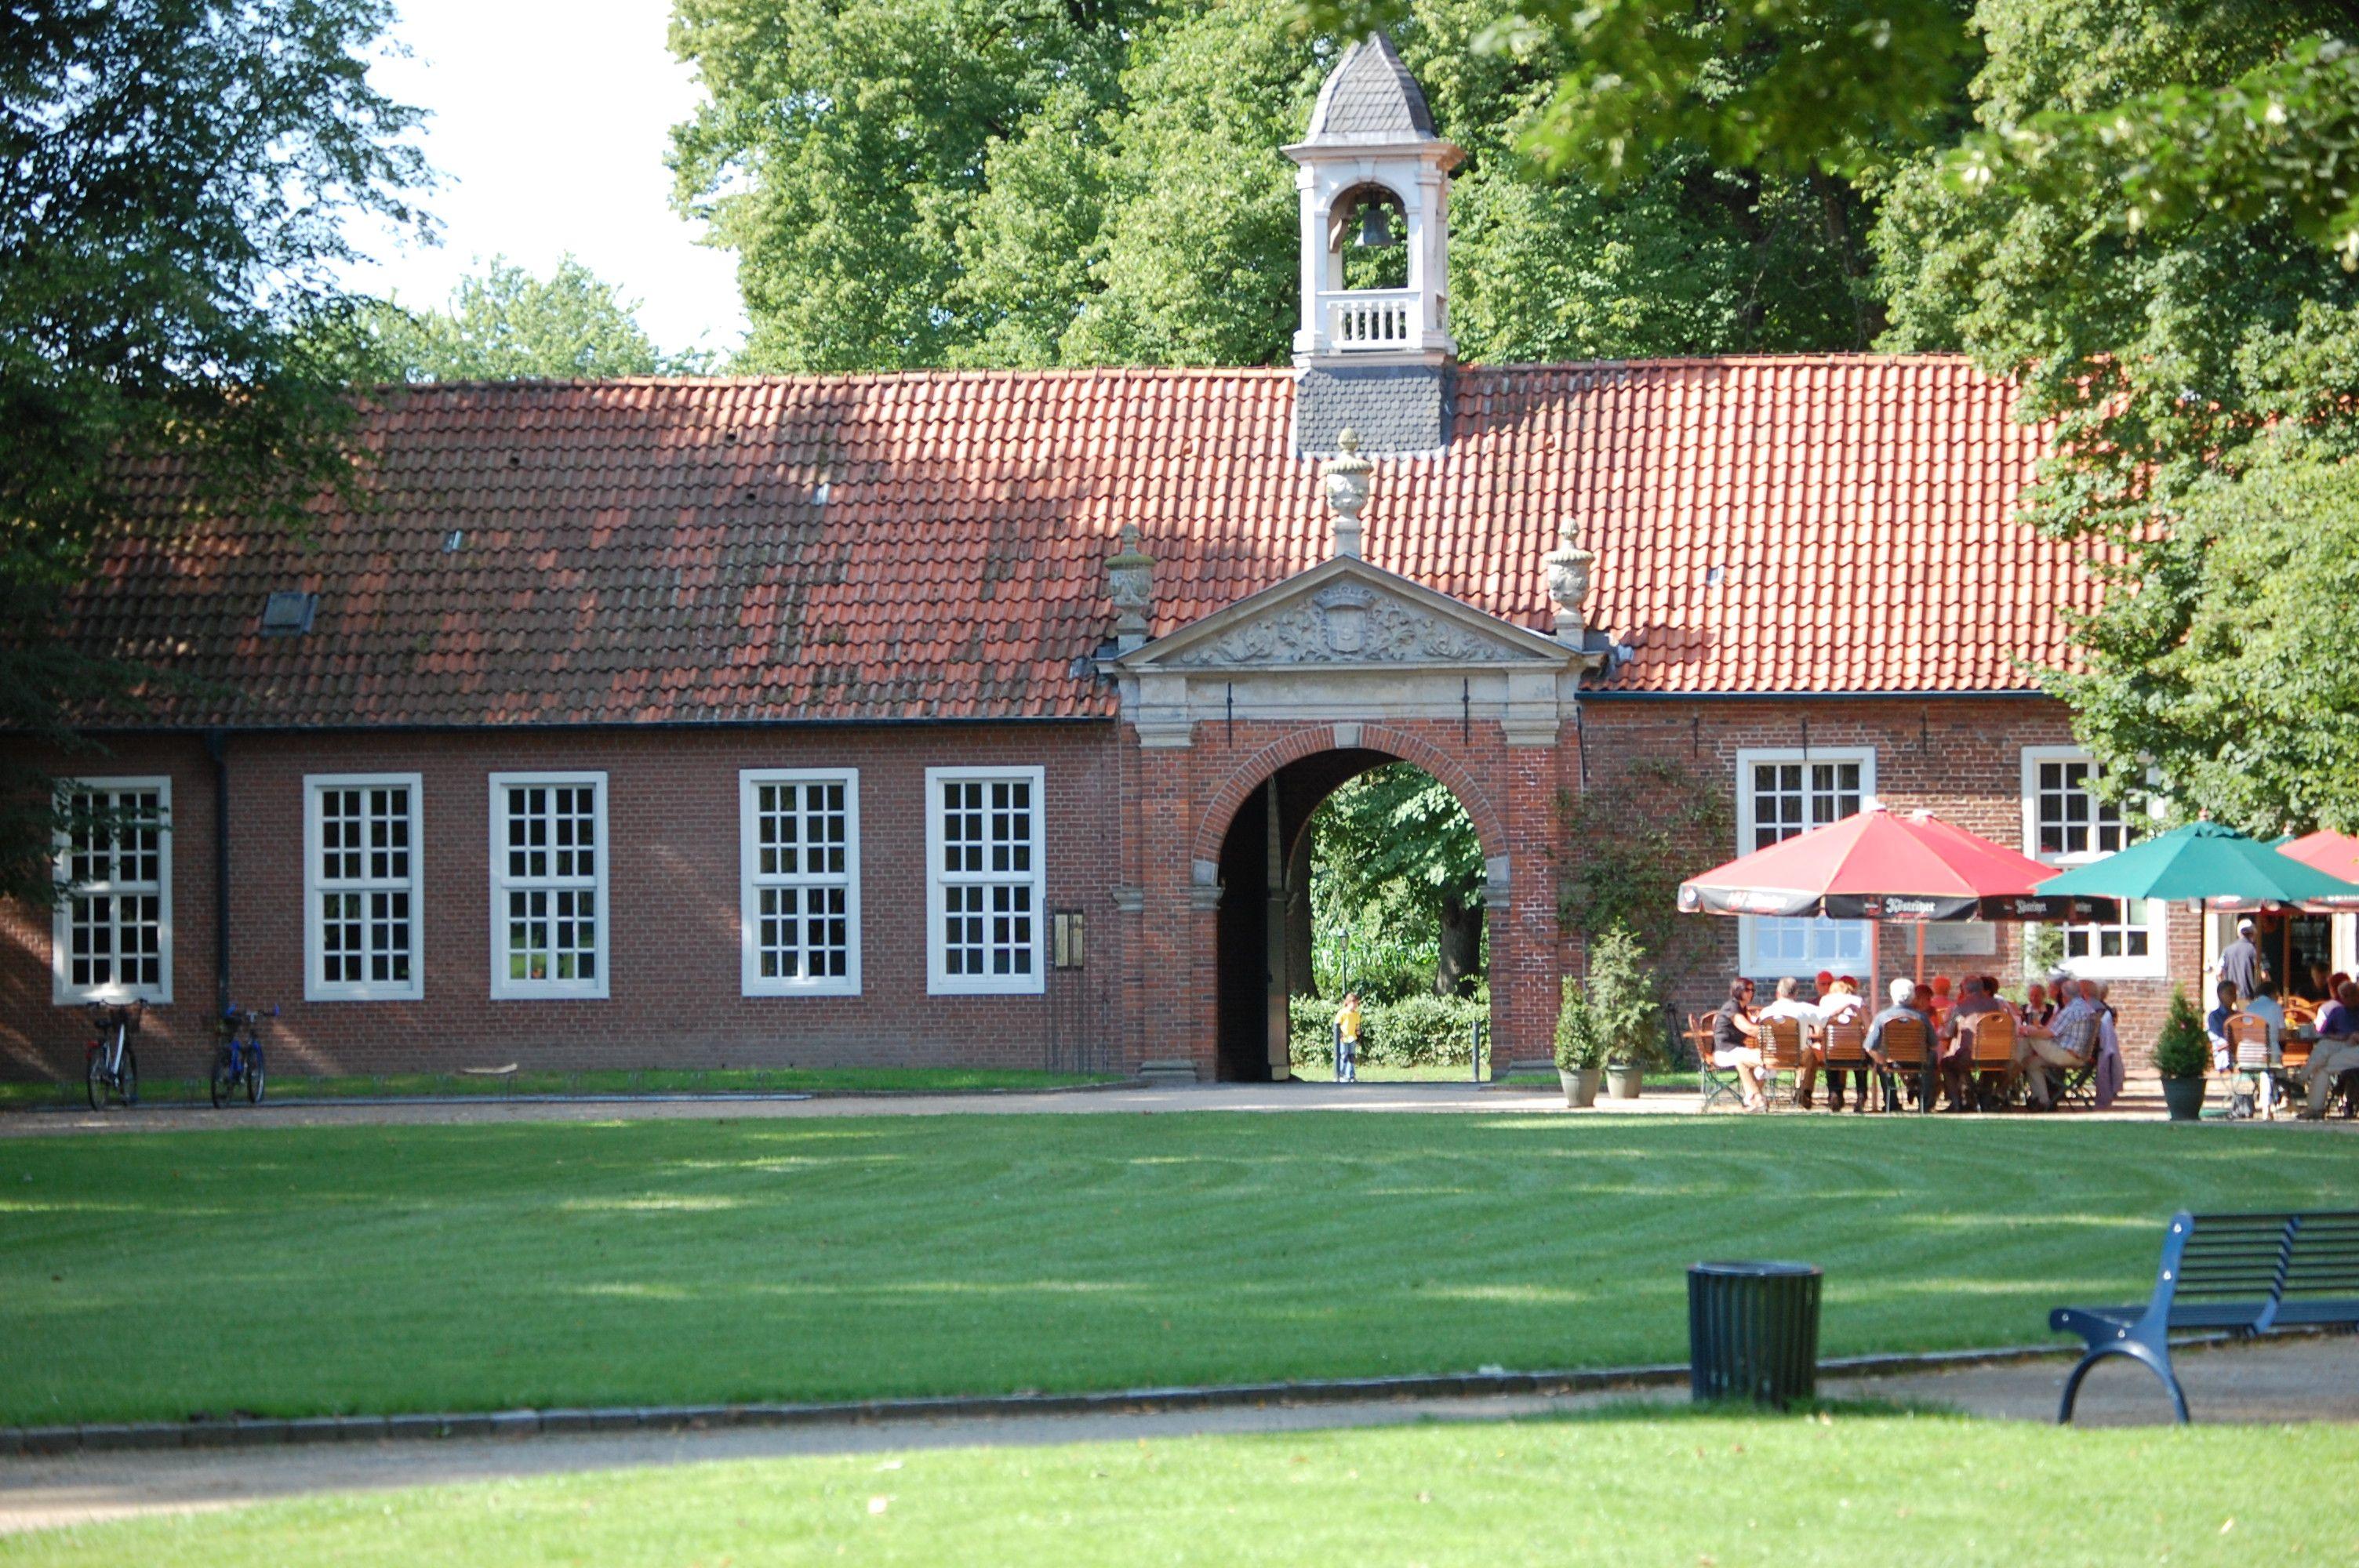 Nach Einem Spaziergang Im Schlosspark Der Evenburg Kann Man Gemutlich Im Cafe Evenburg Ein Tasschen Tee Geniessen Ostfriesland Urlaub Ostfriesland Bauerngarten